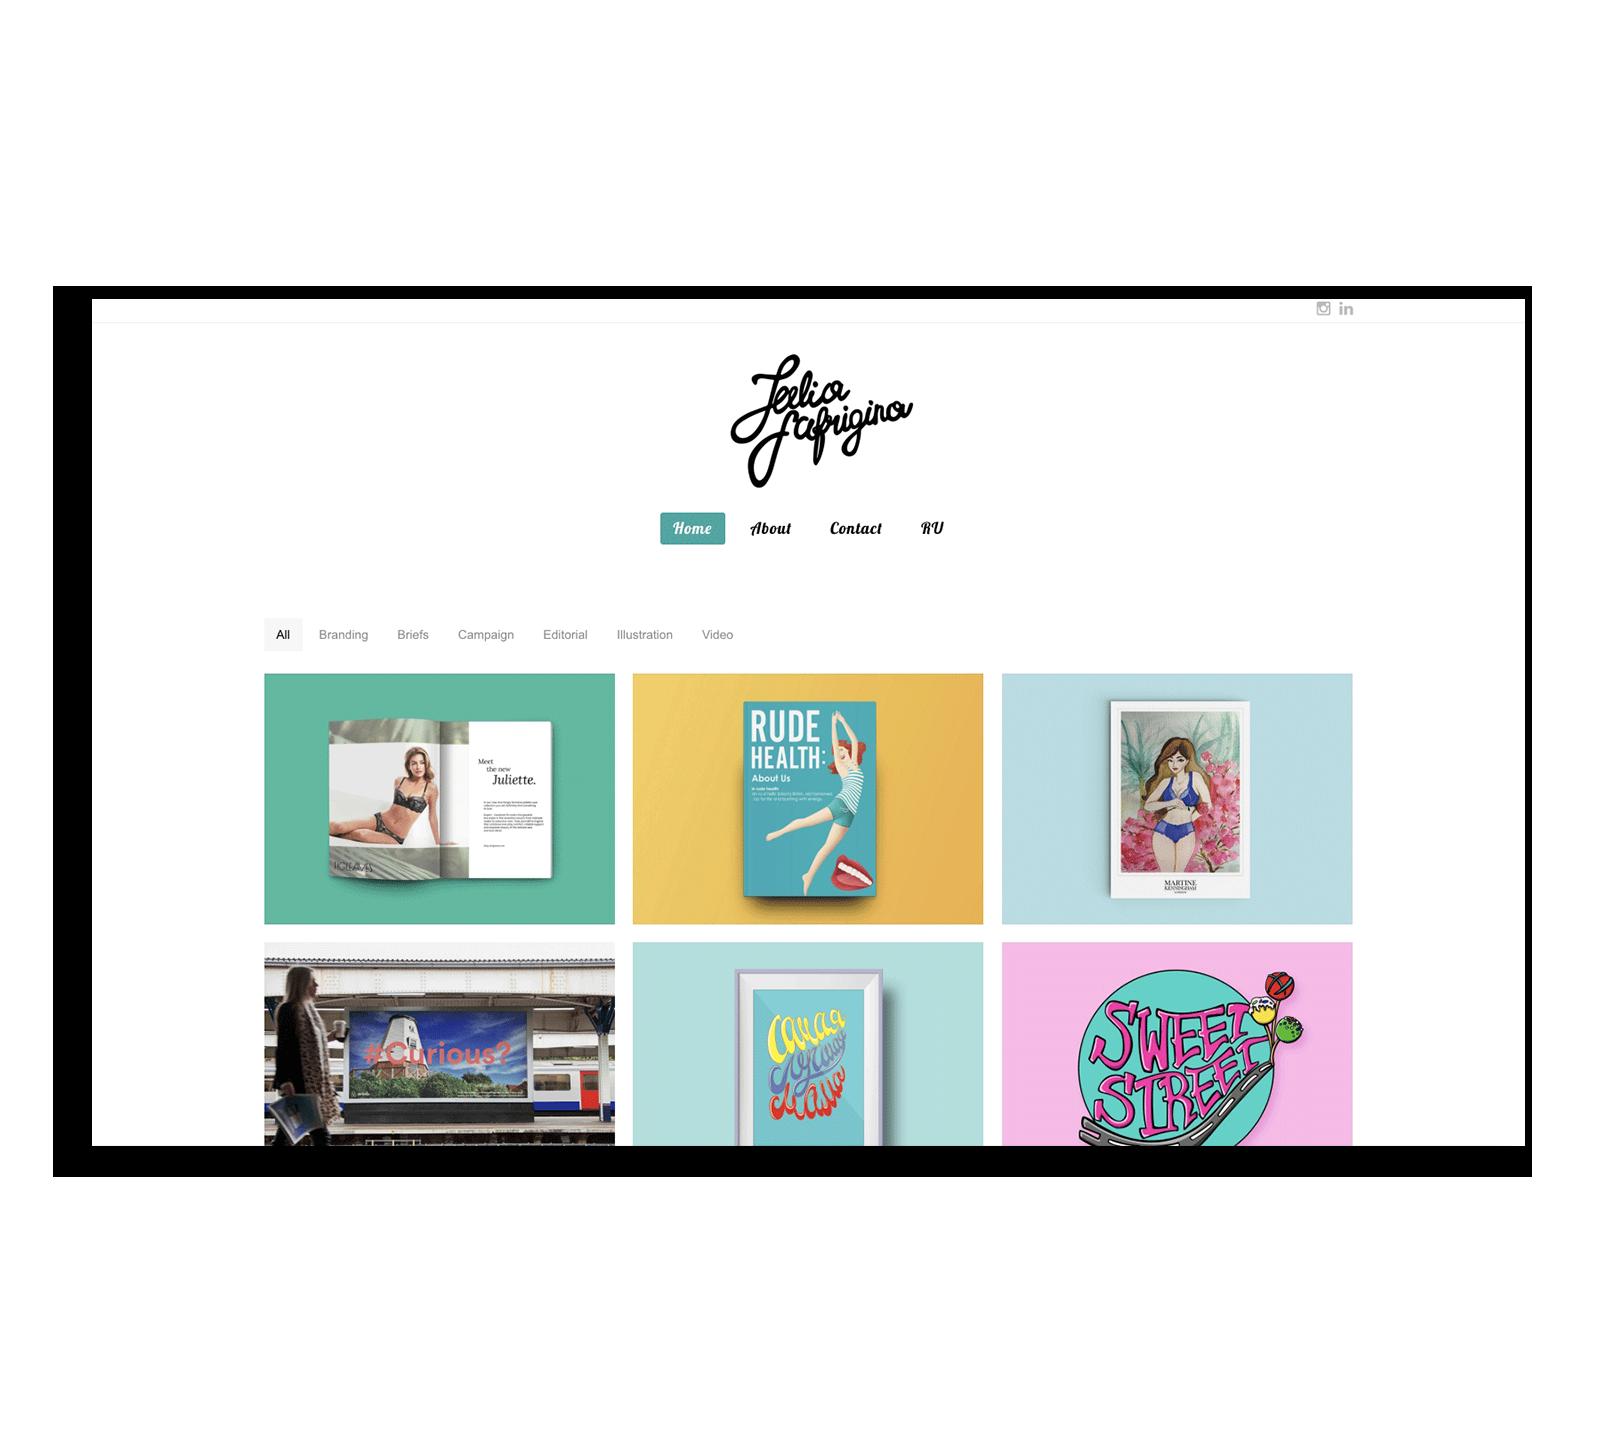 Создание корпоративного сайта на WordPress для графического дизайнера